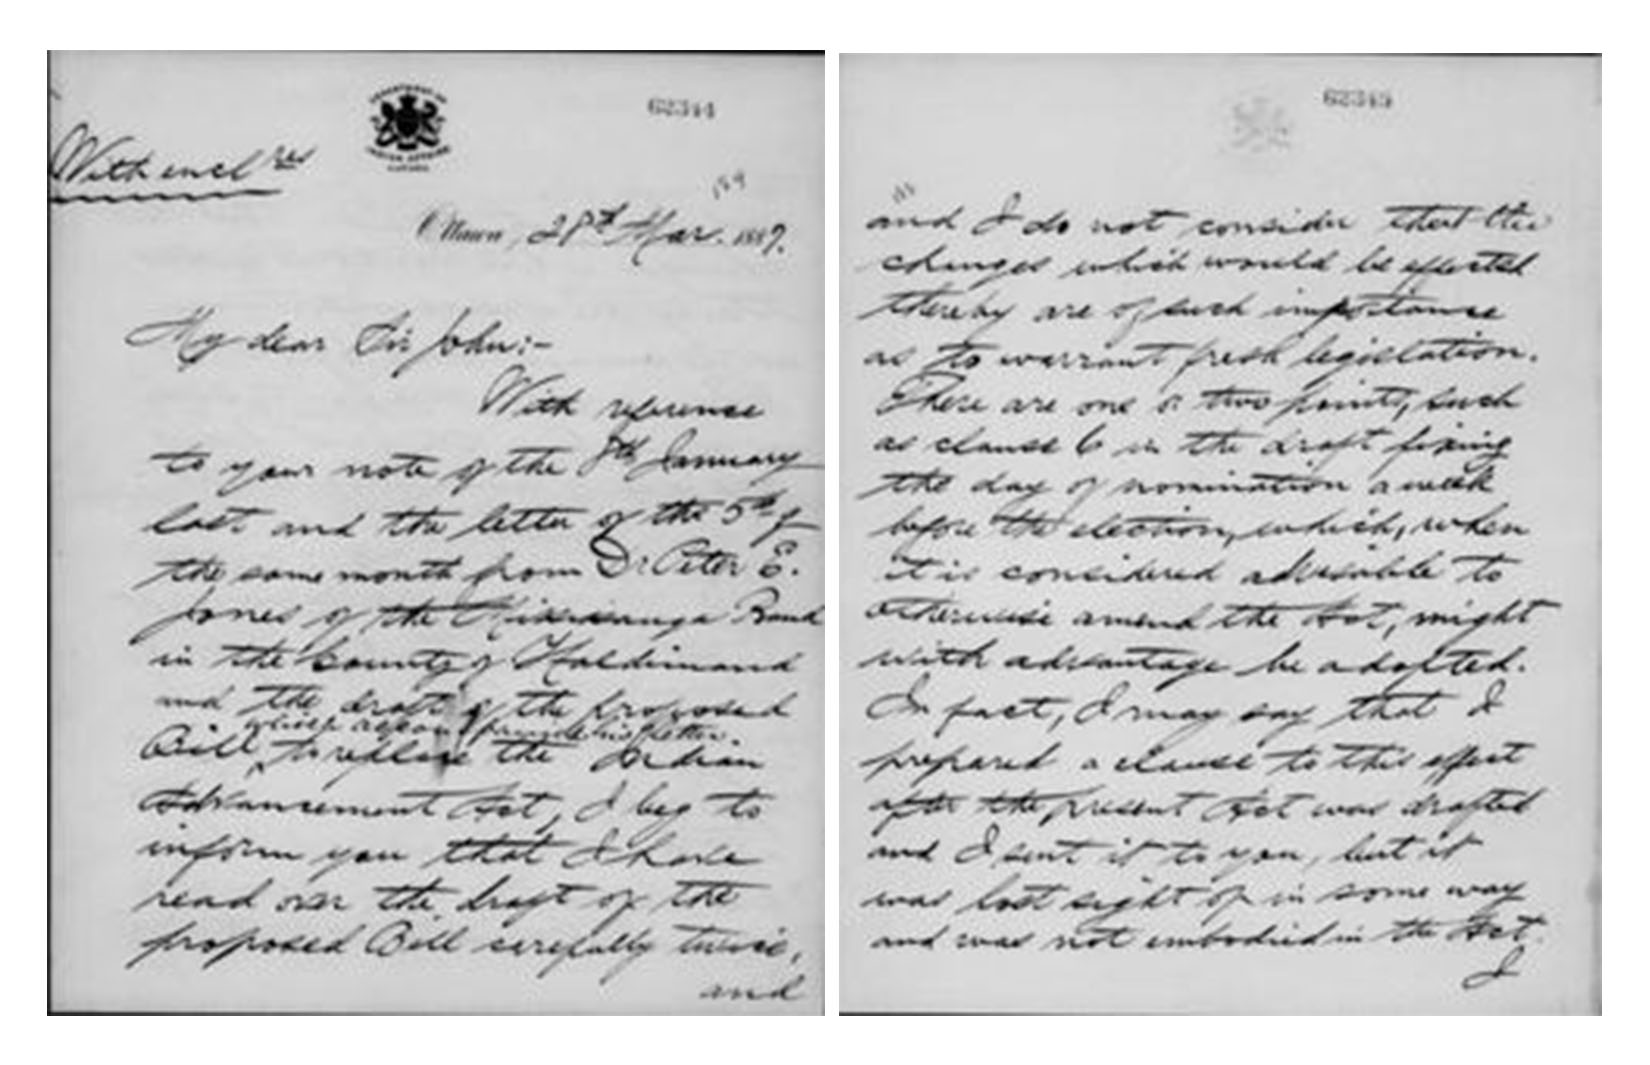 Microfilm noir et blanc montrant deux pages manuscrites, rédigées sur du papier à en-tête du ministère des Affaires indiennes.